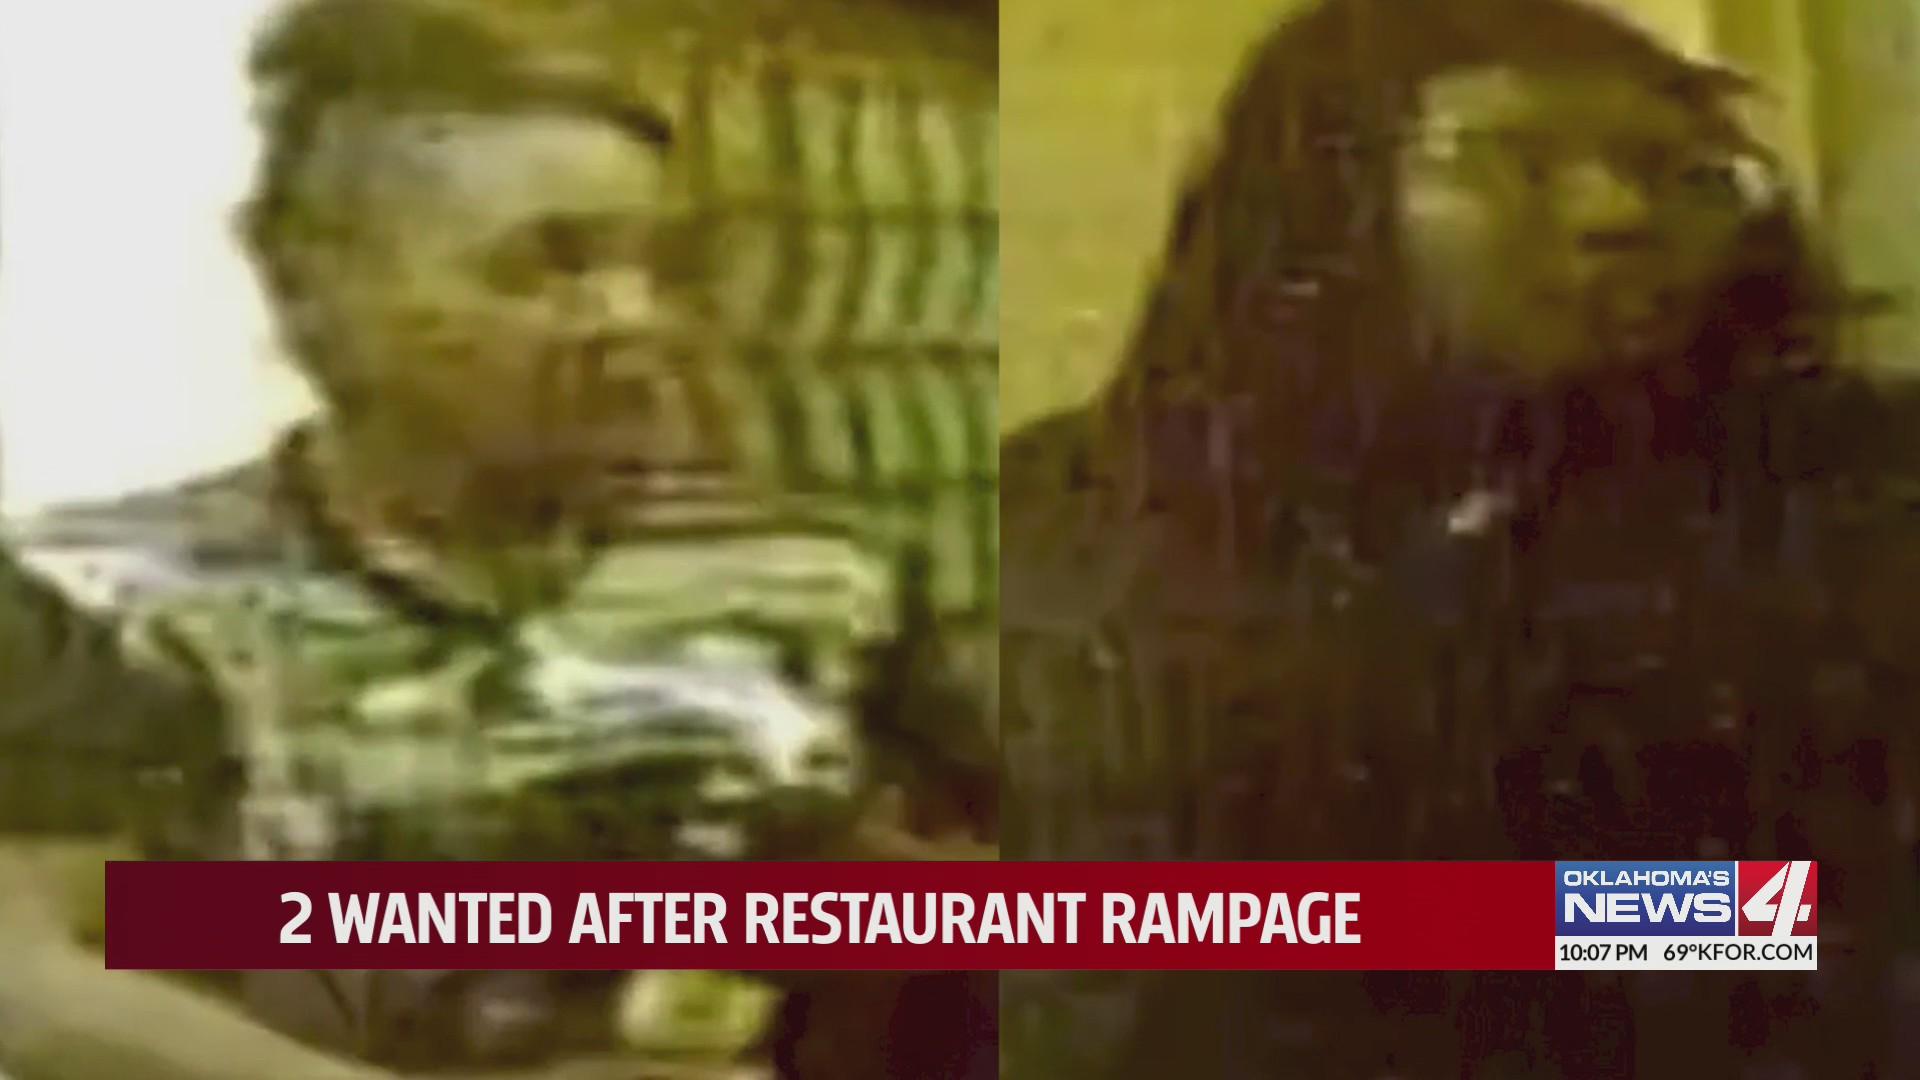 Shogun restaurant suspects